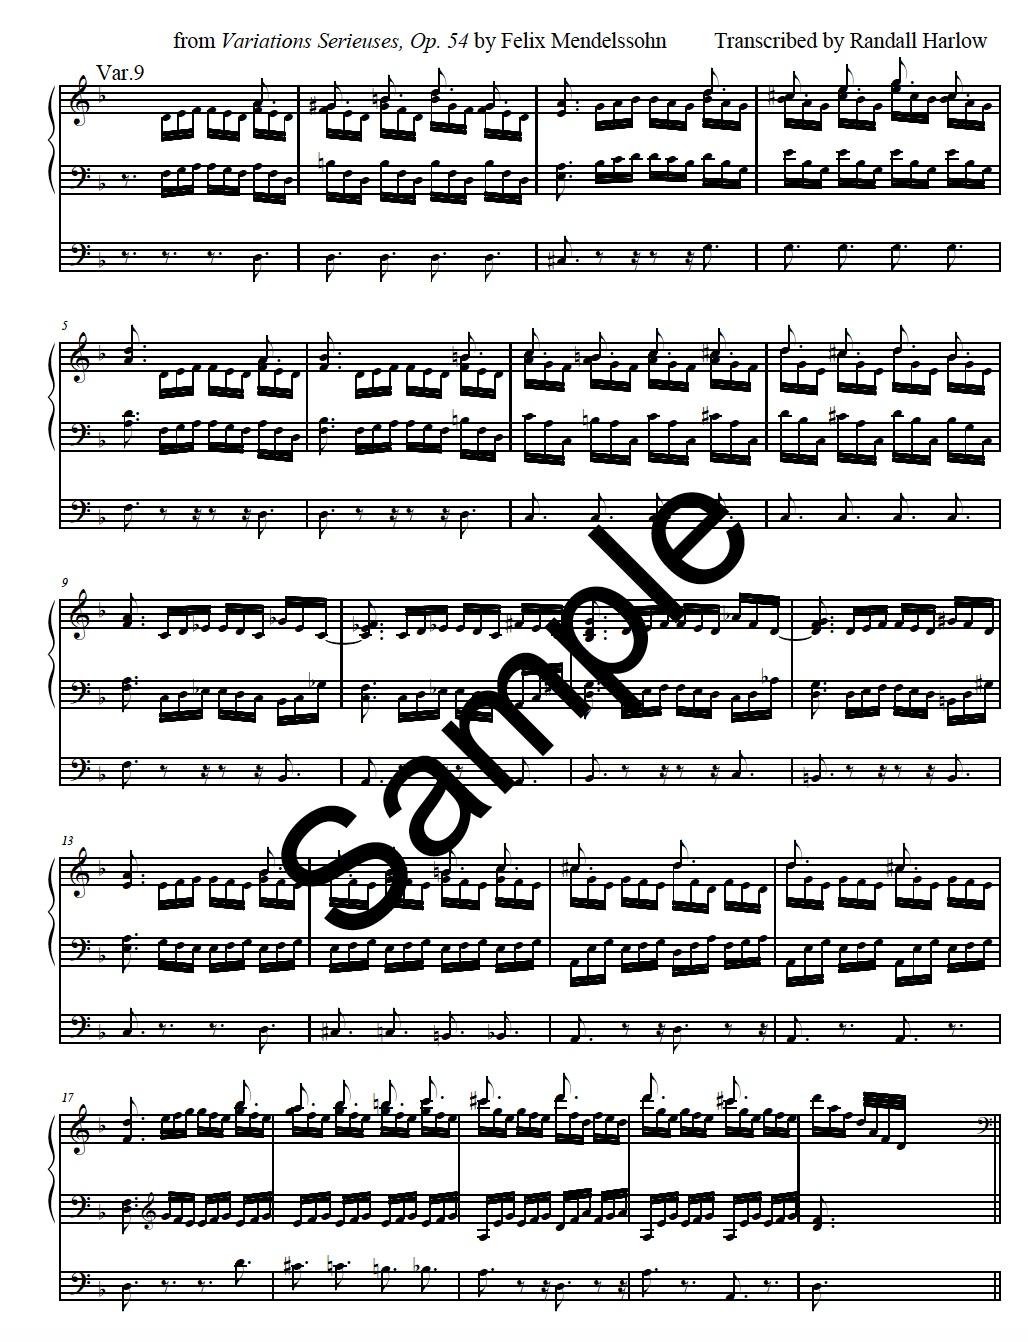 Mendelssohn Variations Serieuses  transcribed for organ